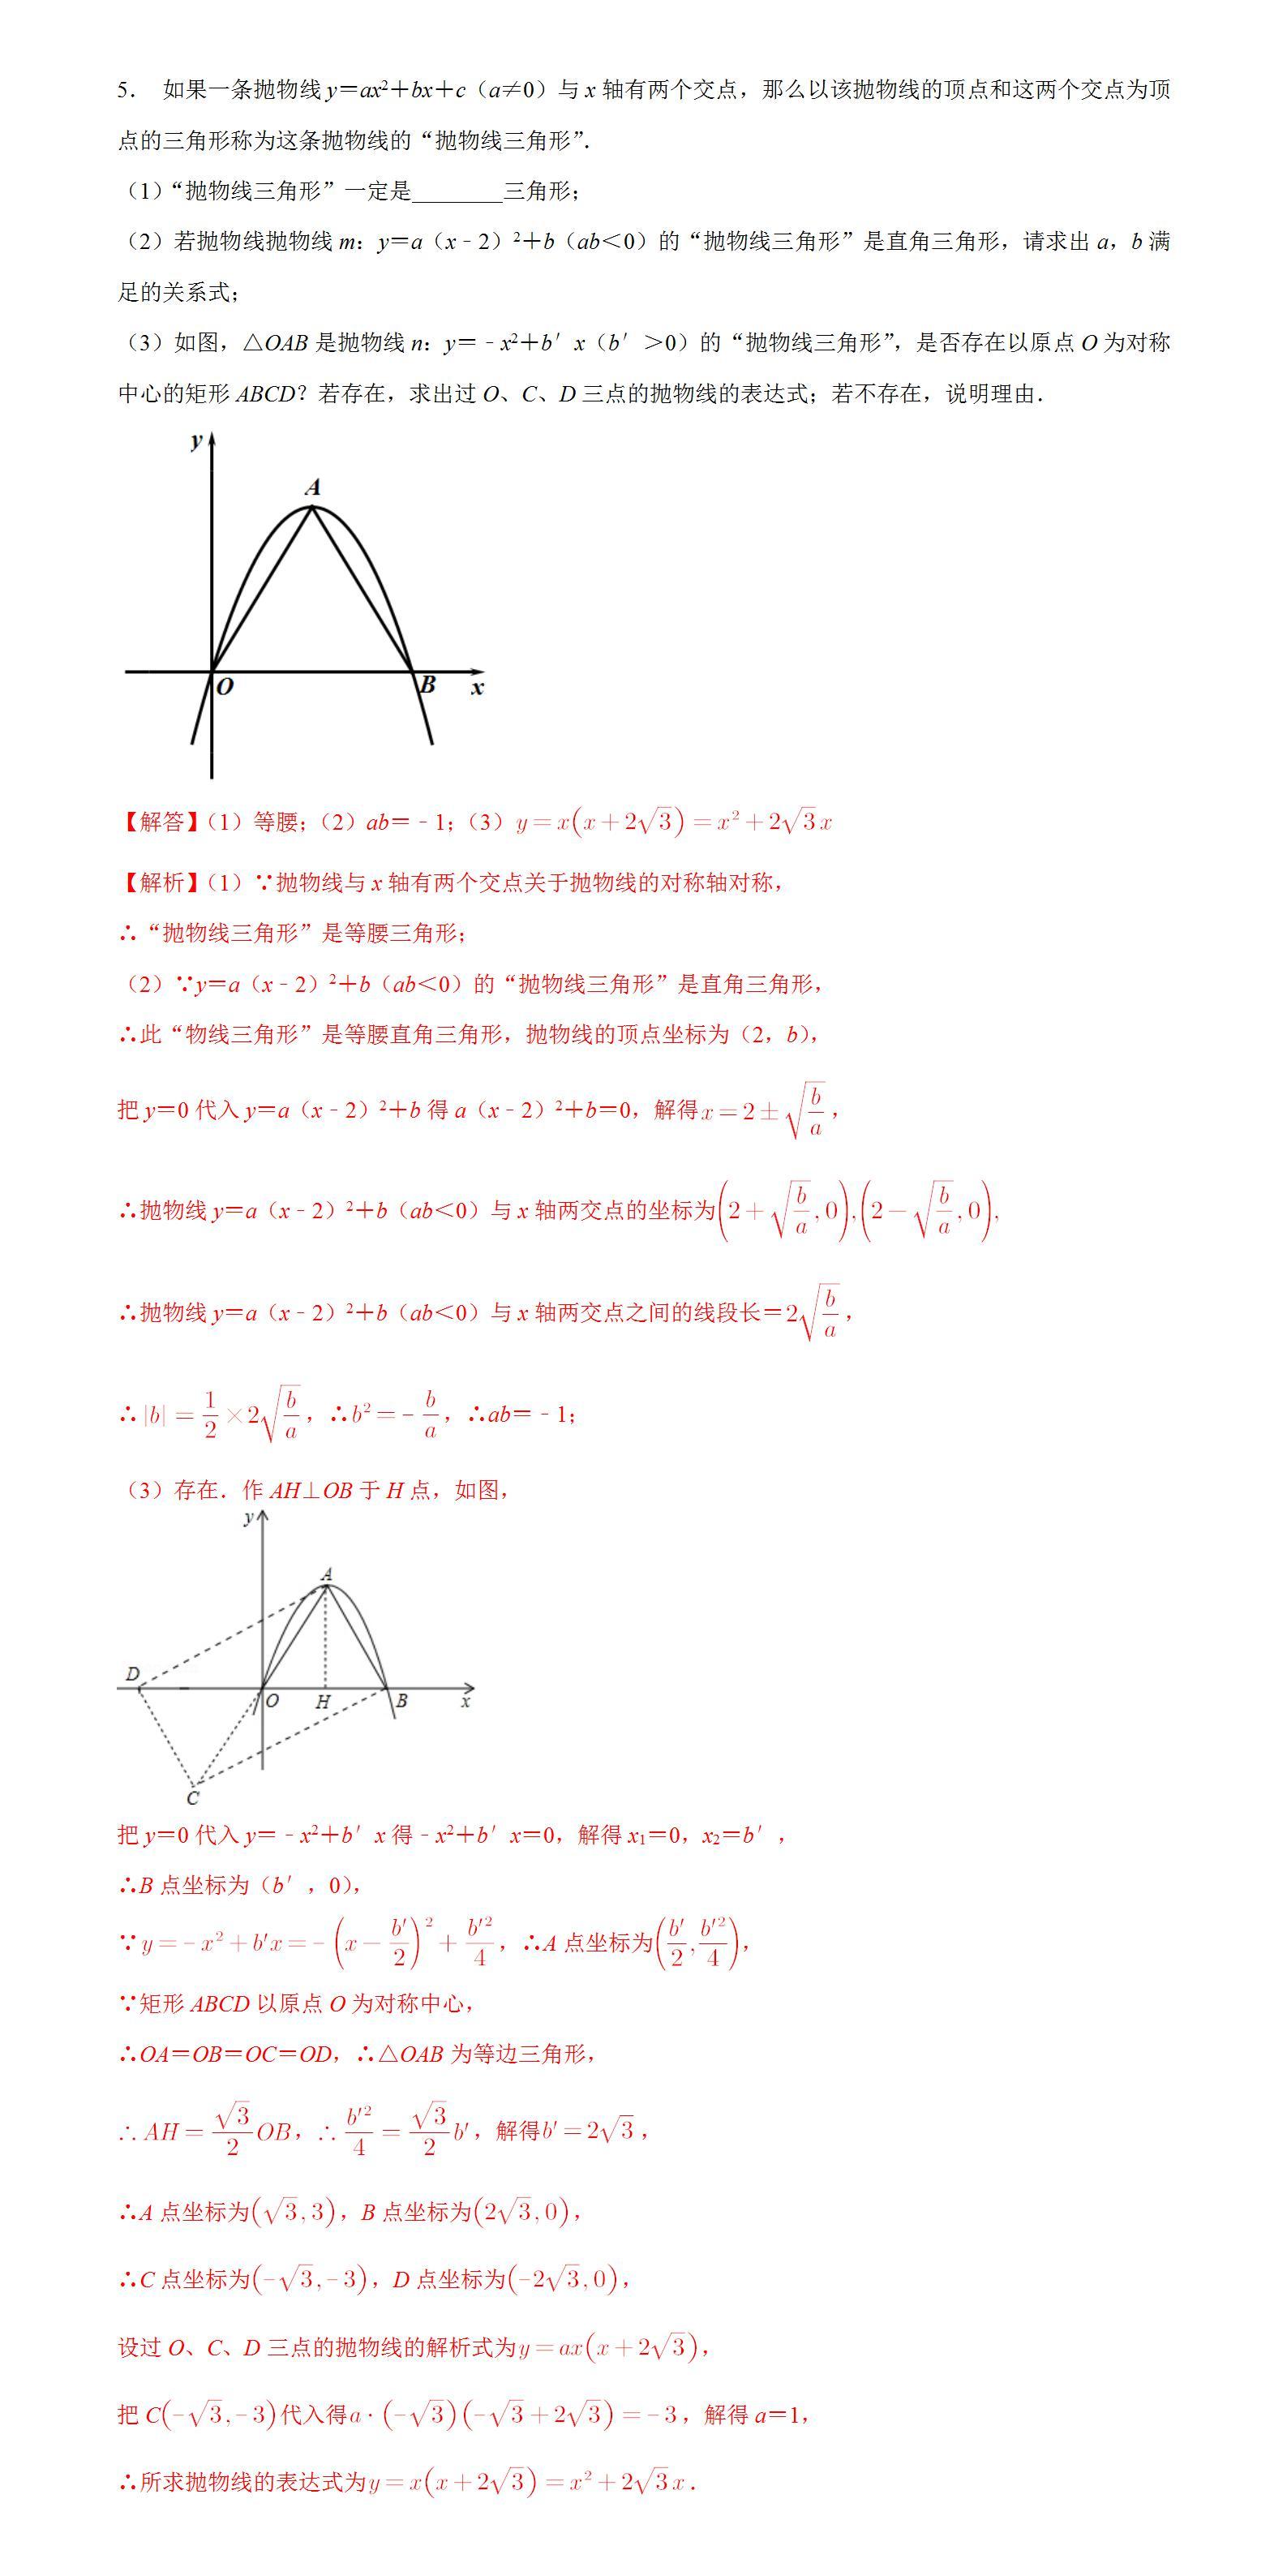 2020年初三数学矩形存在性问题巩固练习(基础)试题及答案(五)